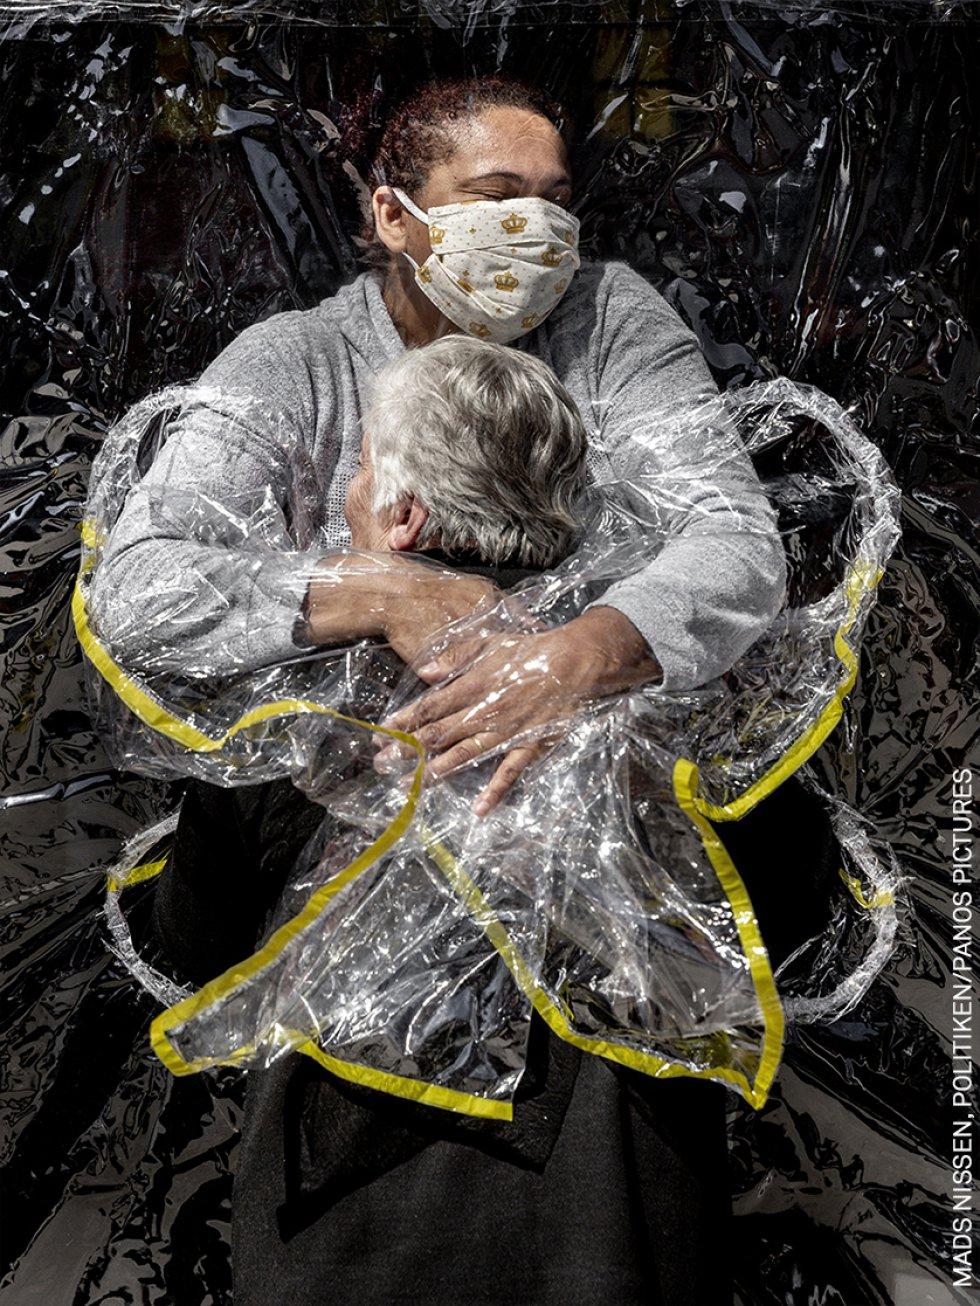 Rosa Luzia Lunardi (85 años) es abrazada por la enfermera Adriana Silva da Costa Souza, en la residencia Viva Bem, São Paulo, Brasil. Este fue el primer abrazo que Rosa recibió en cinco meses. En marzo, las residencias de ancianos de todo el país cerraron sus puertas a todas las visitas como consecuencia de la pandemia.